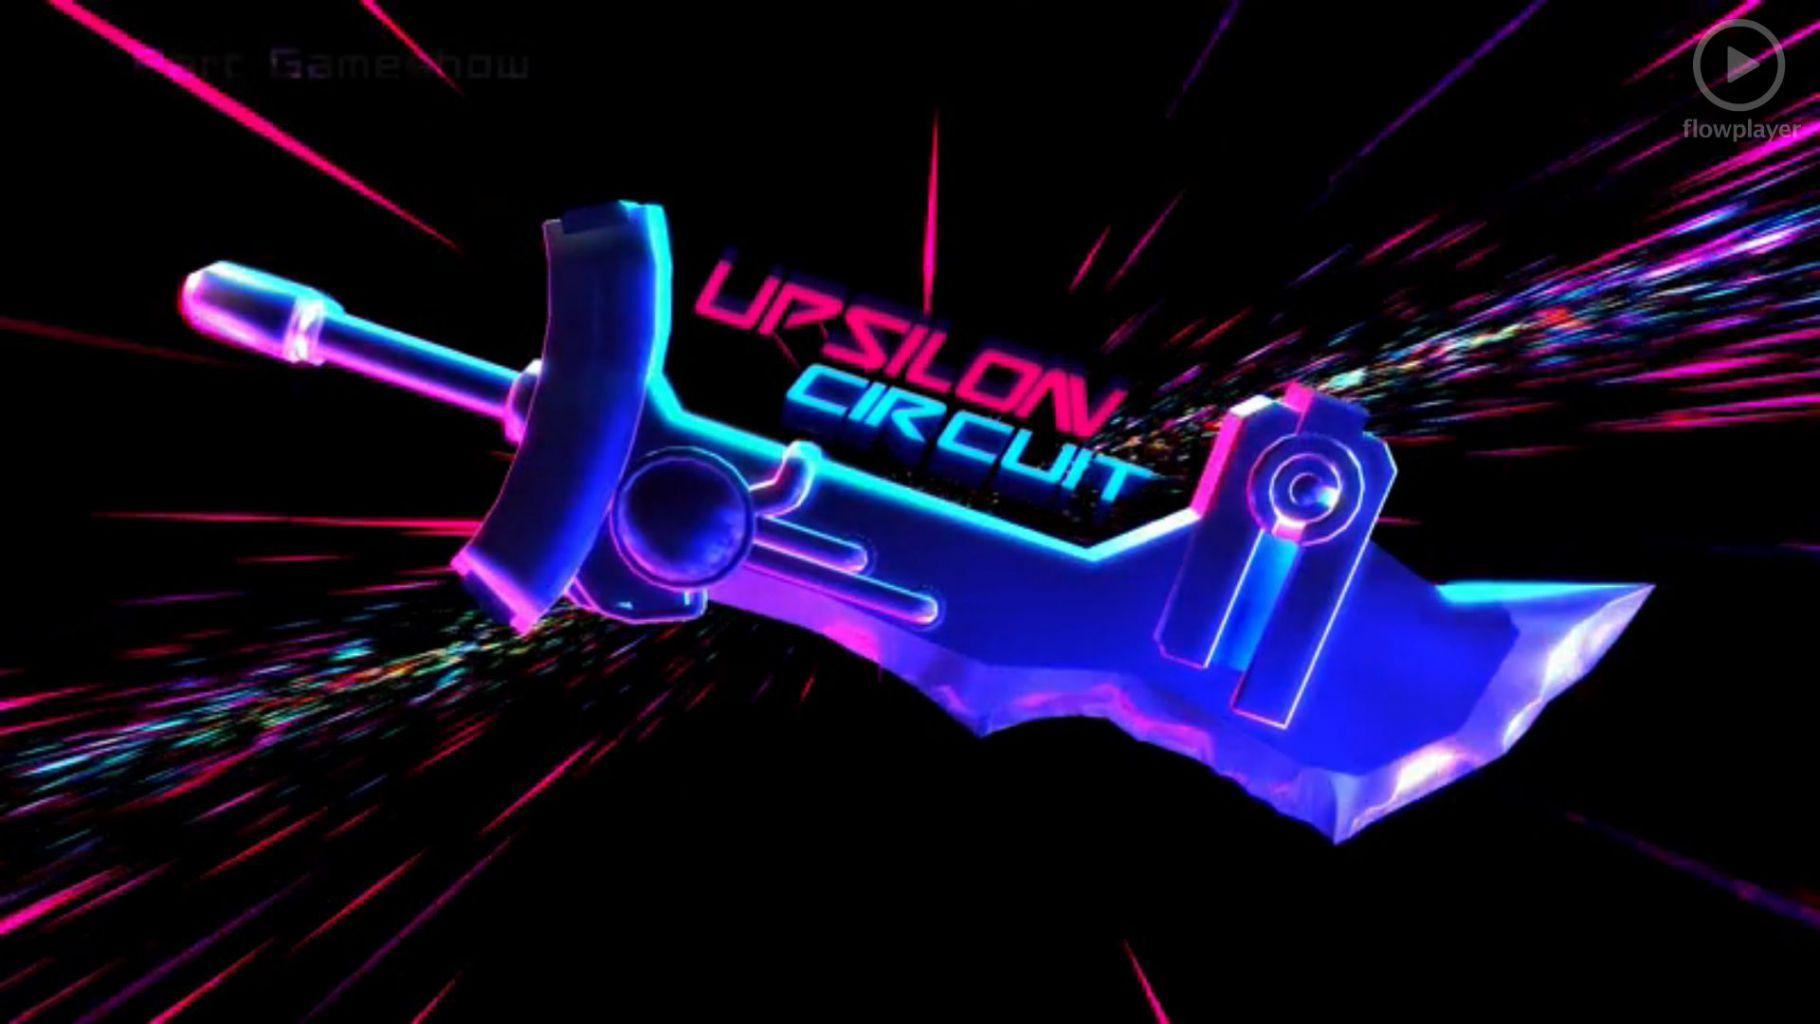 upsilon_circuit_-_le_jeu_qui_invente_la_perma-permadeath_.jpg